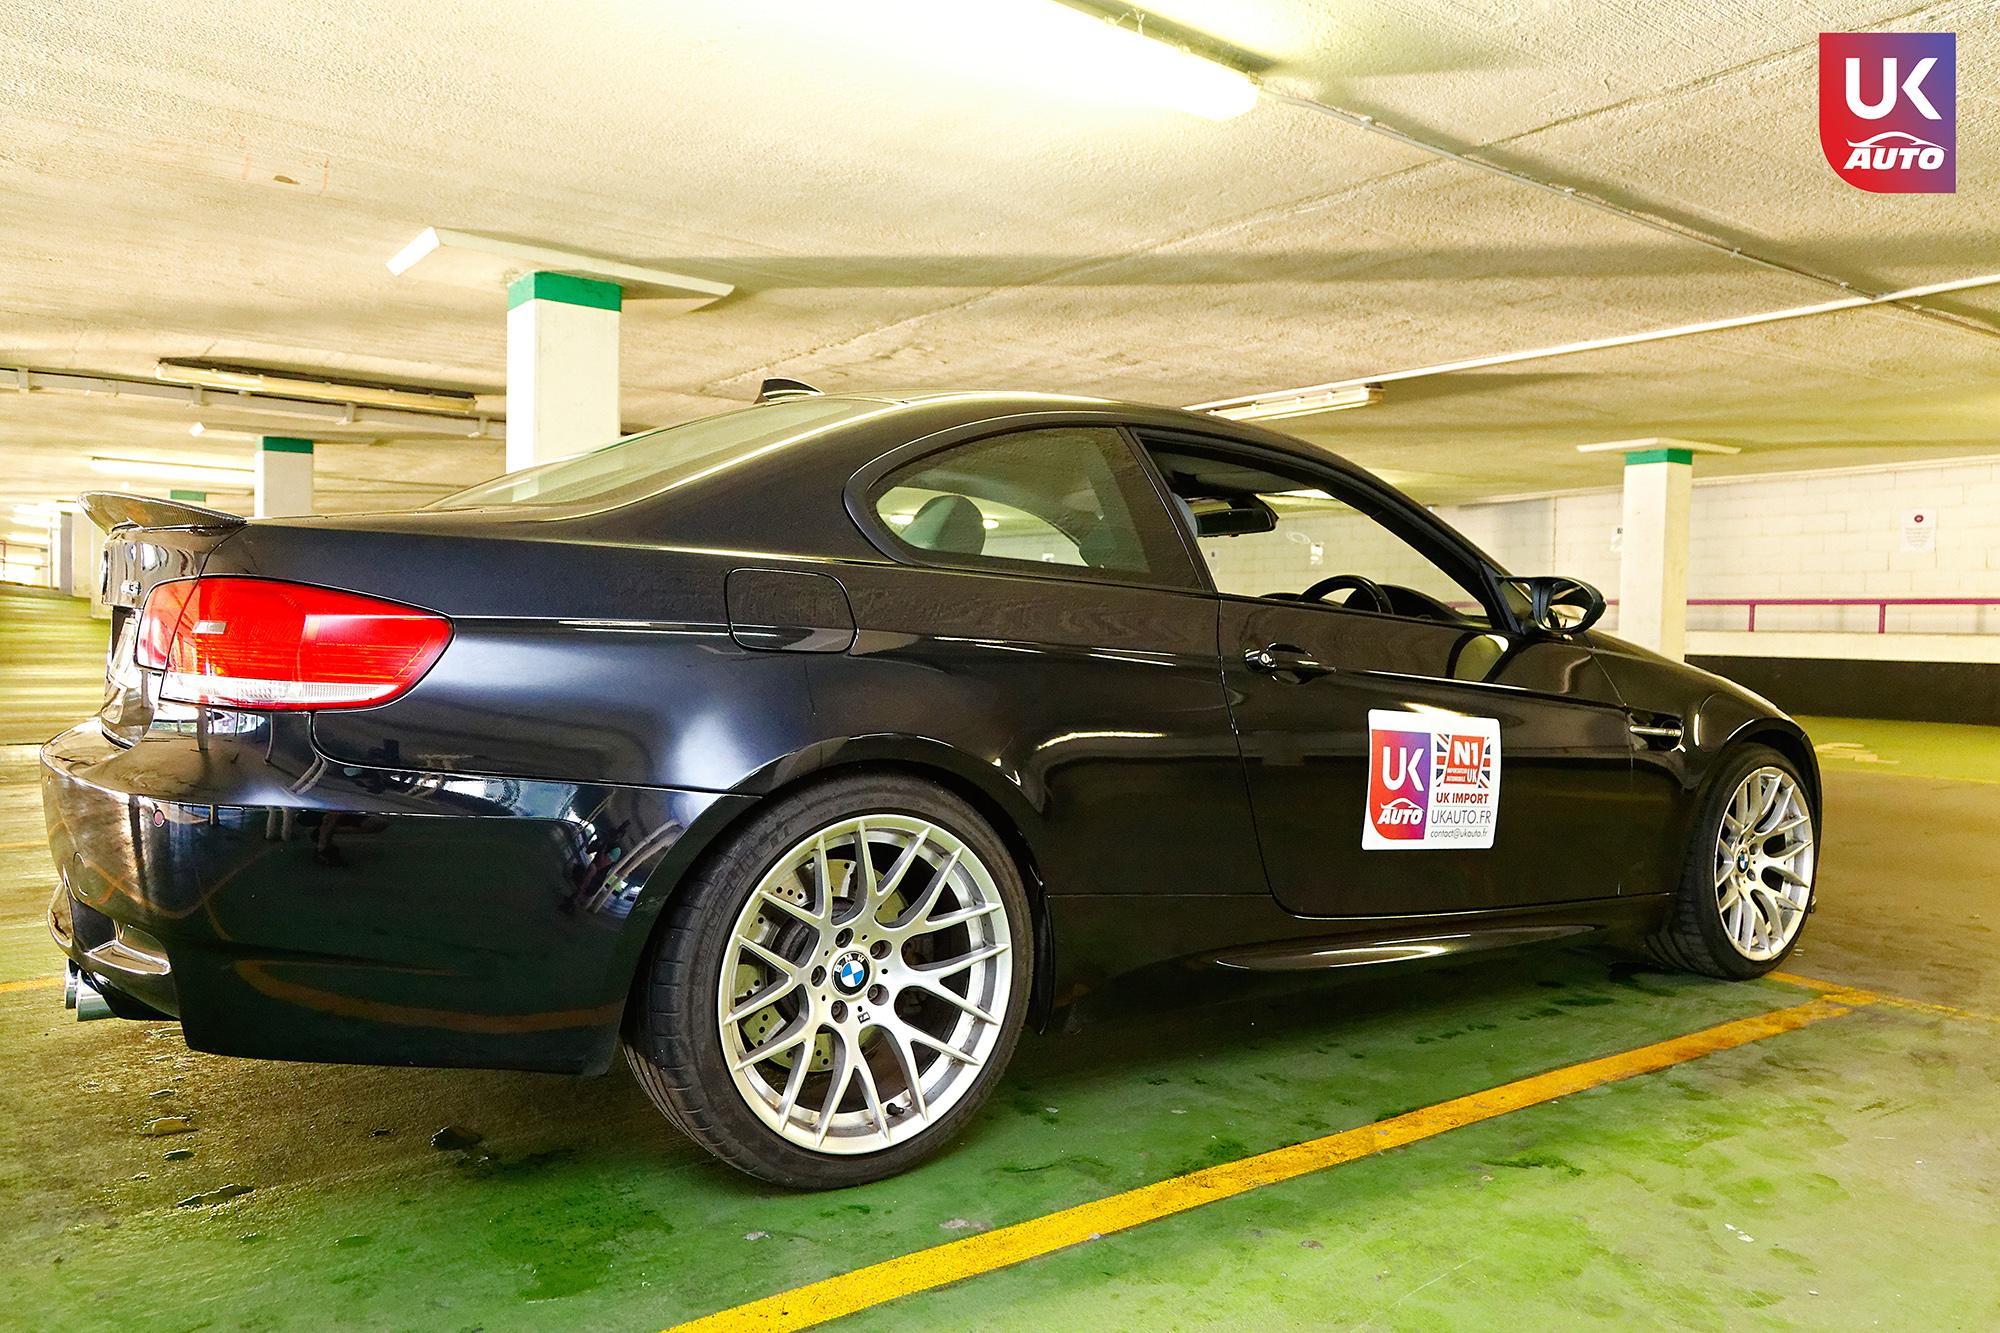 BMW m3 rhd ukauto importer voiture angleterre uk2 - Felecitation a Sylvain Pour cette BMW M3 E92 RHD pour avoir acheter une voiture en angleterre avant le brexit